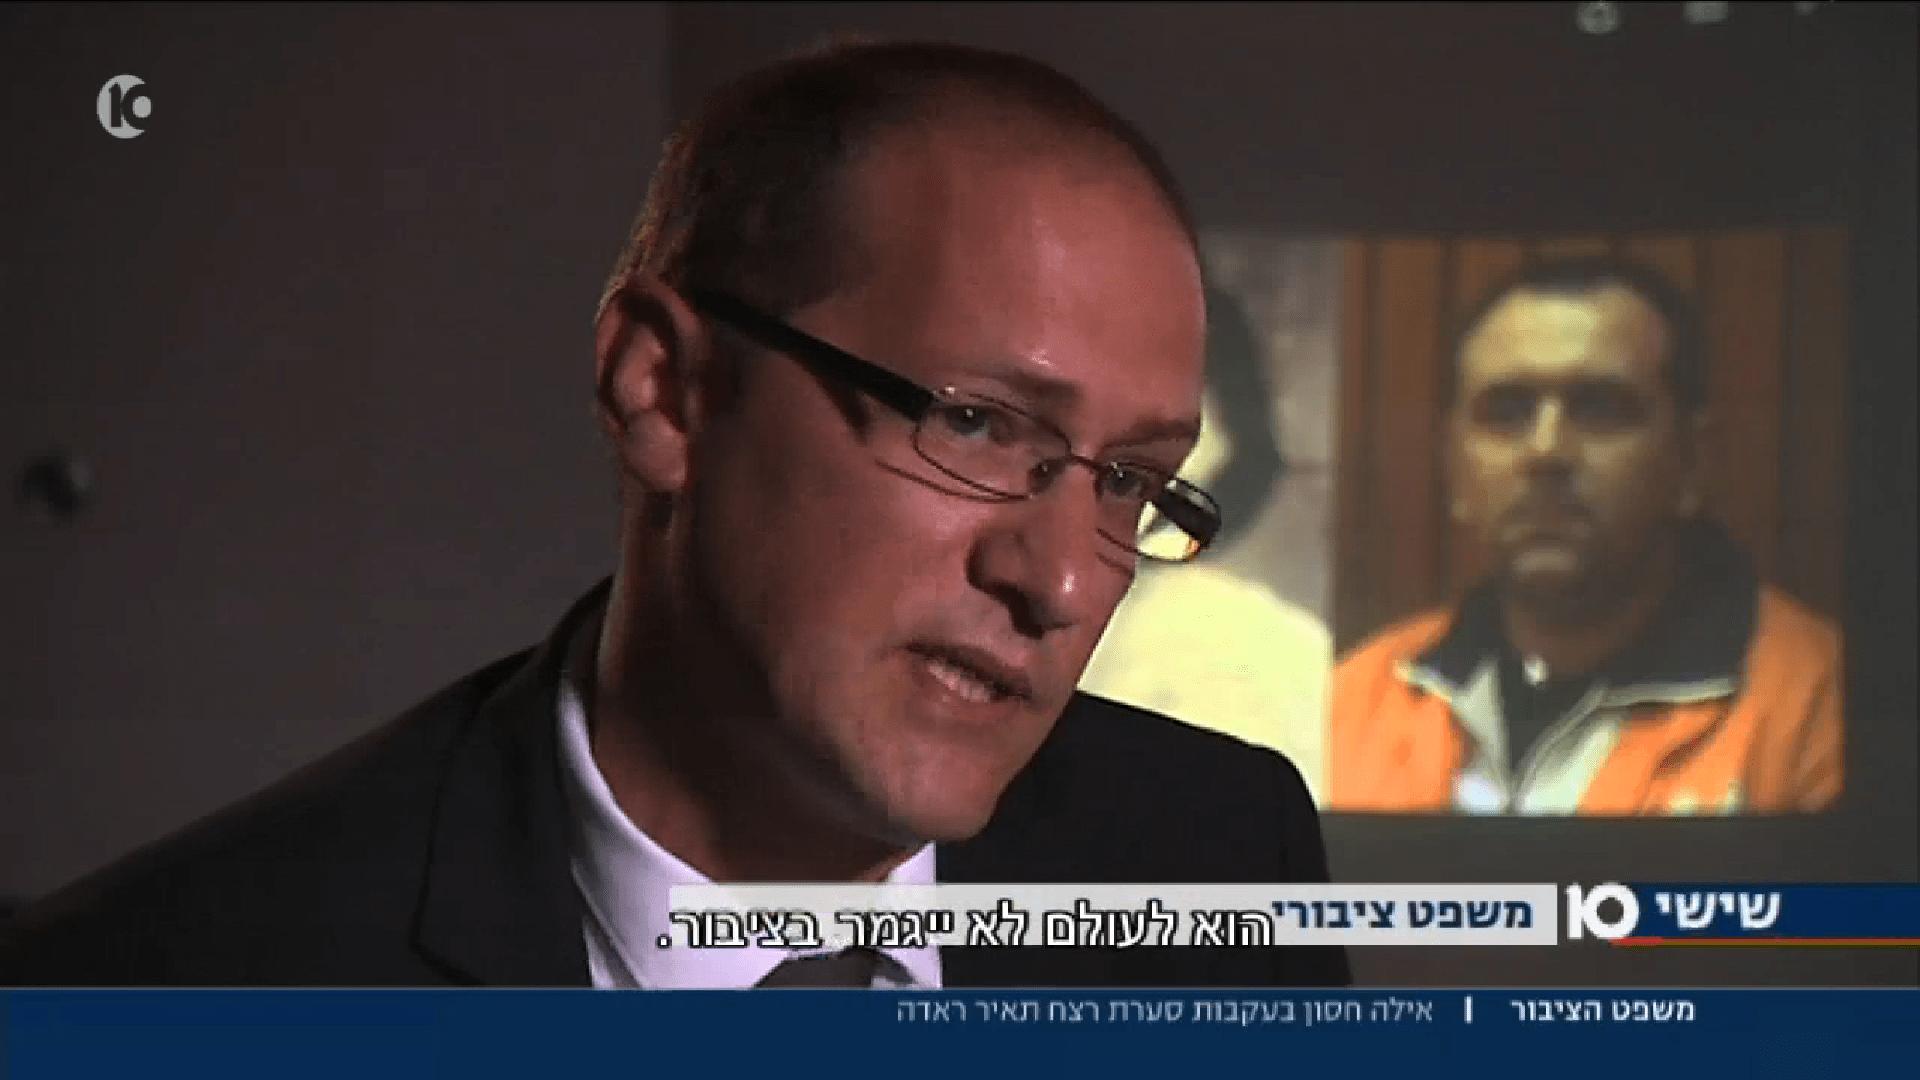 עורך דין תומר שוורץ משרד בוטיק למשפט פלילי